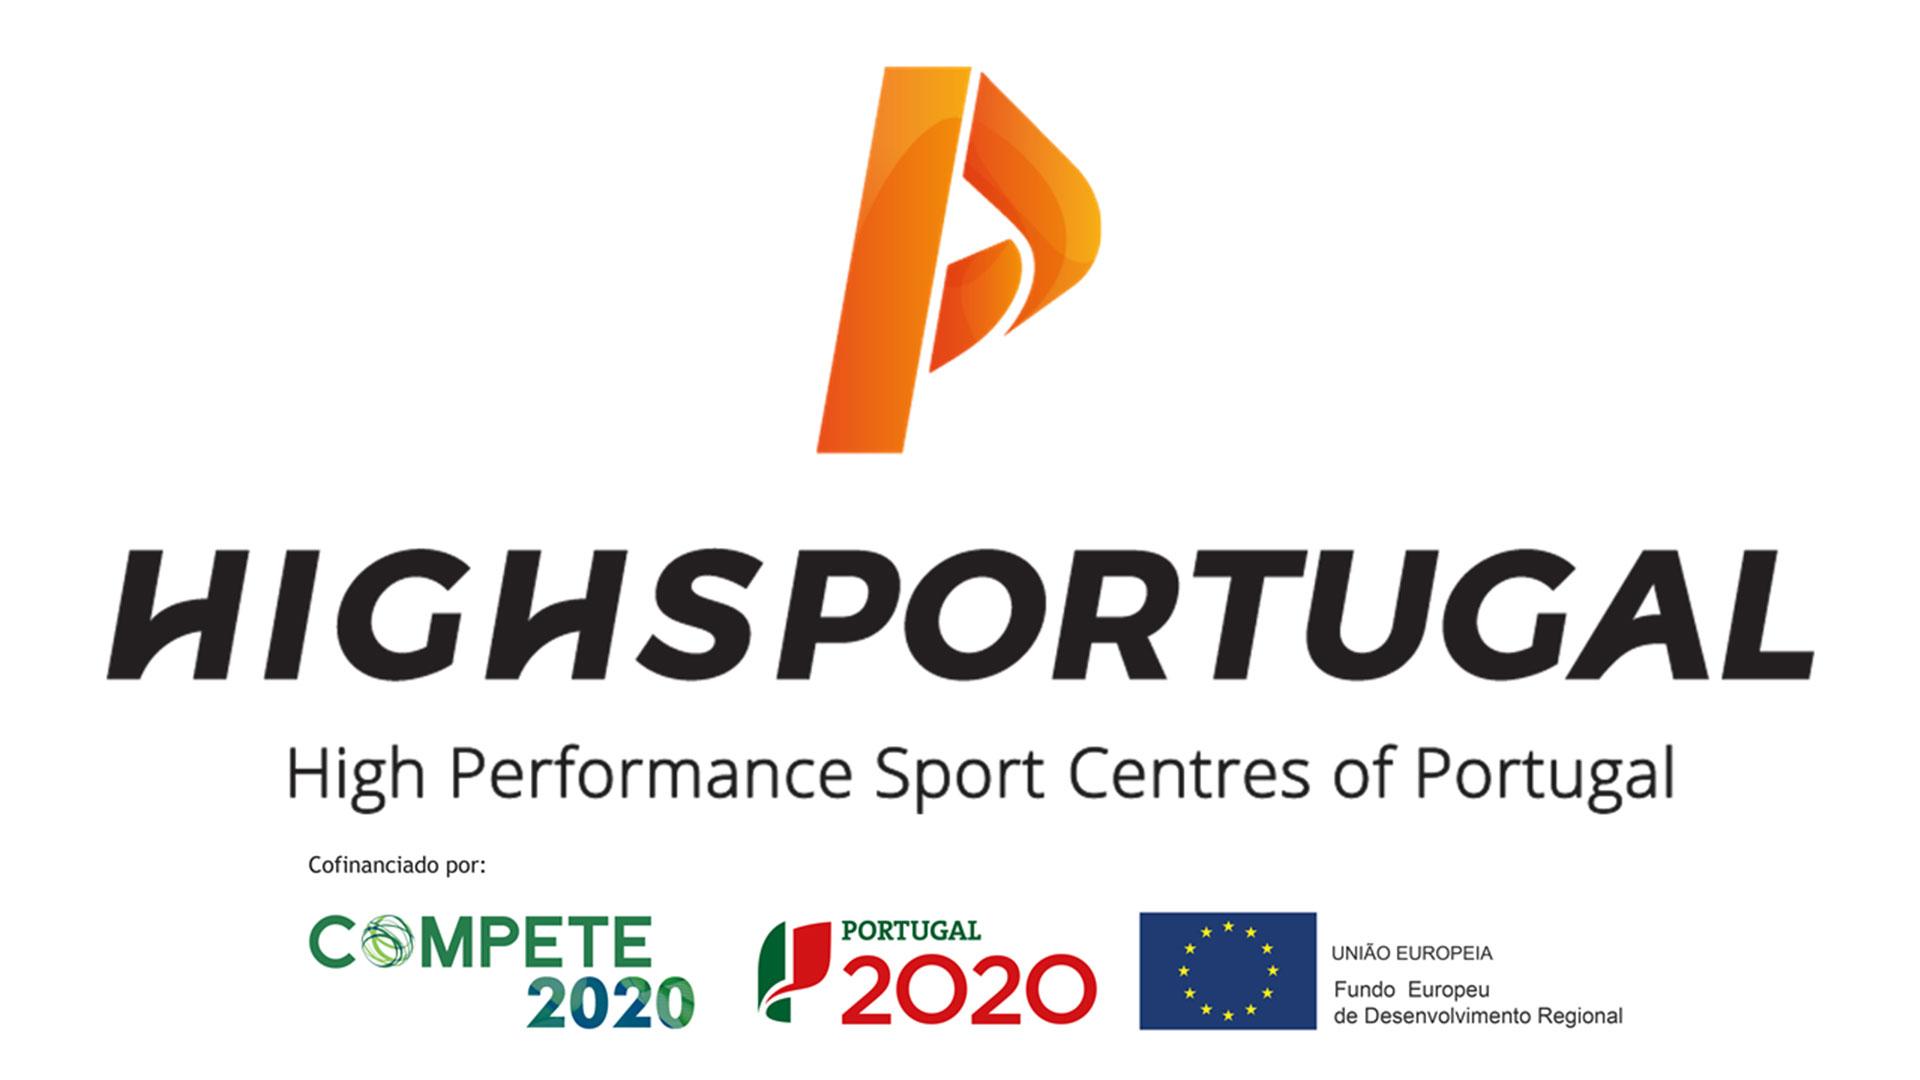 Fundação do Desporto oficializa protocolos de apoio desportivo no valor de 400.000 euros